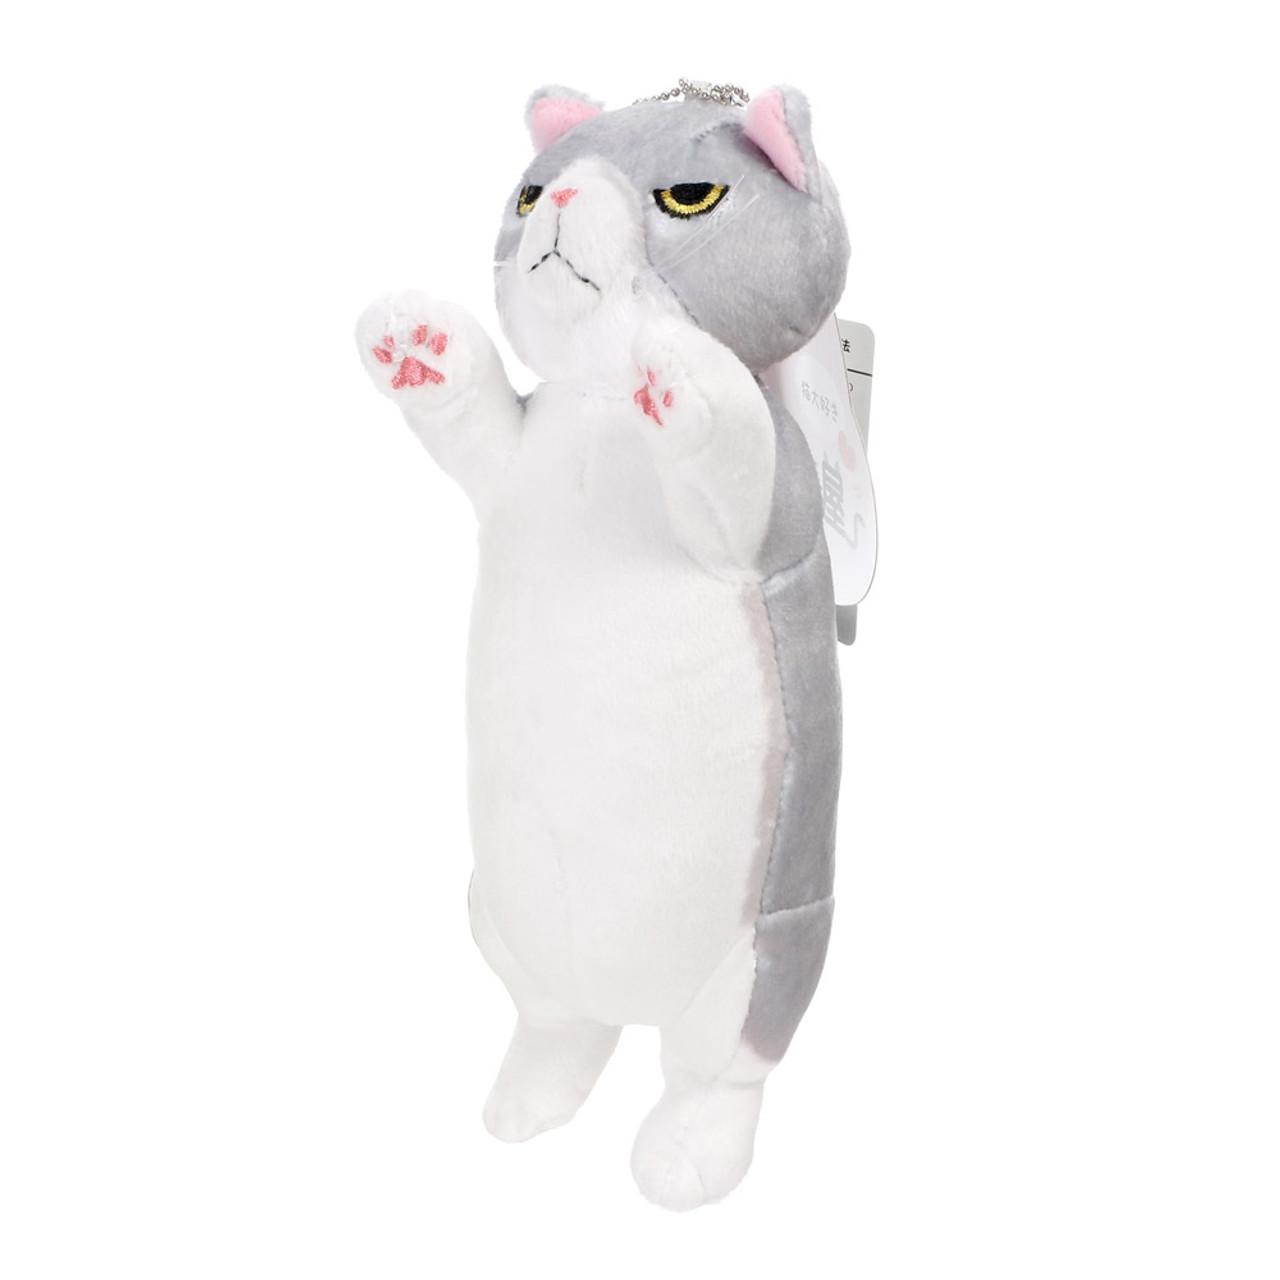 Japan Nyanko Shop Grey Color Cat Mascot Plush Doll Charms British